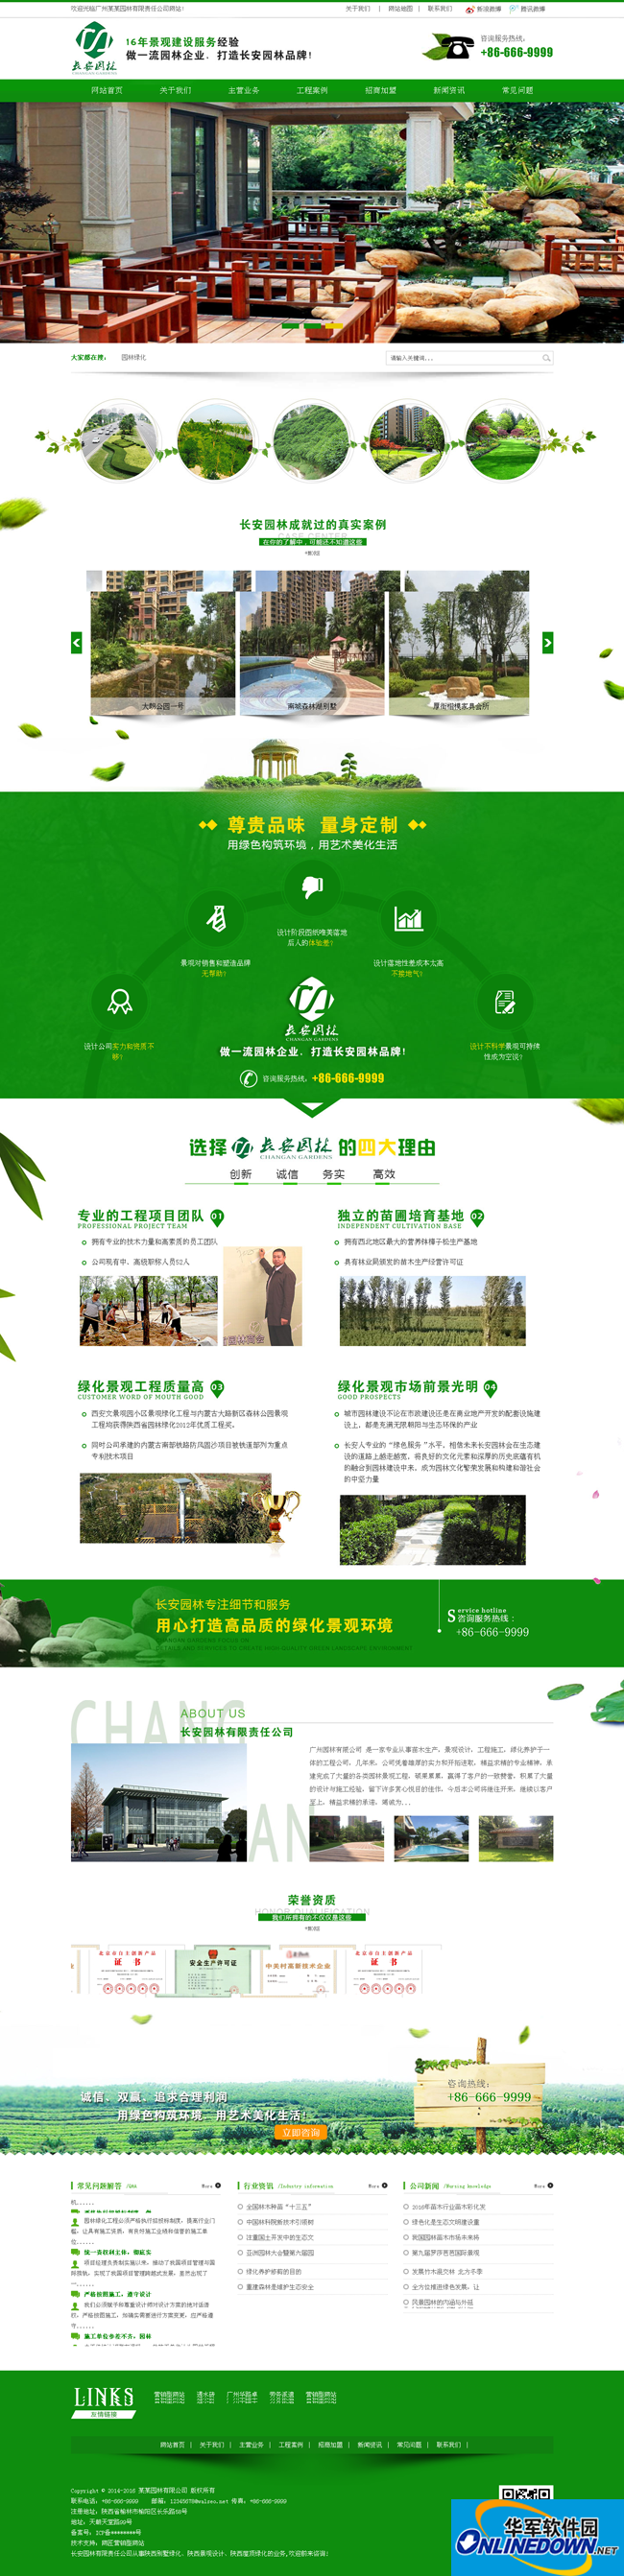 营销型绿色市政园林绿化行业网站织梦模板 (带html5手机端)